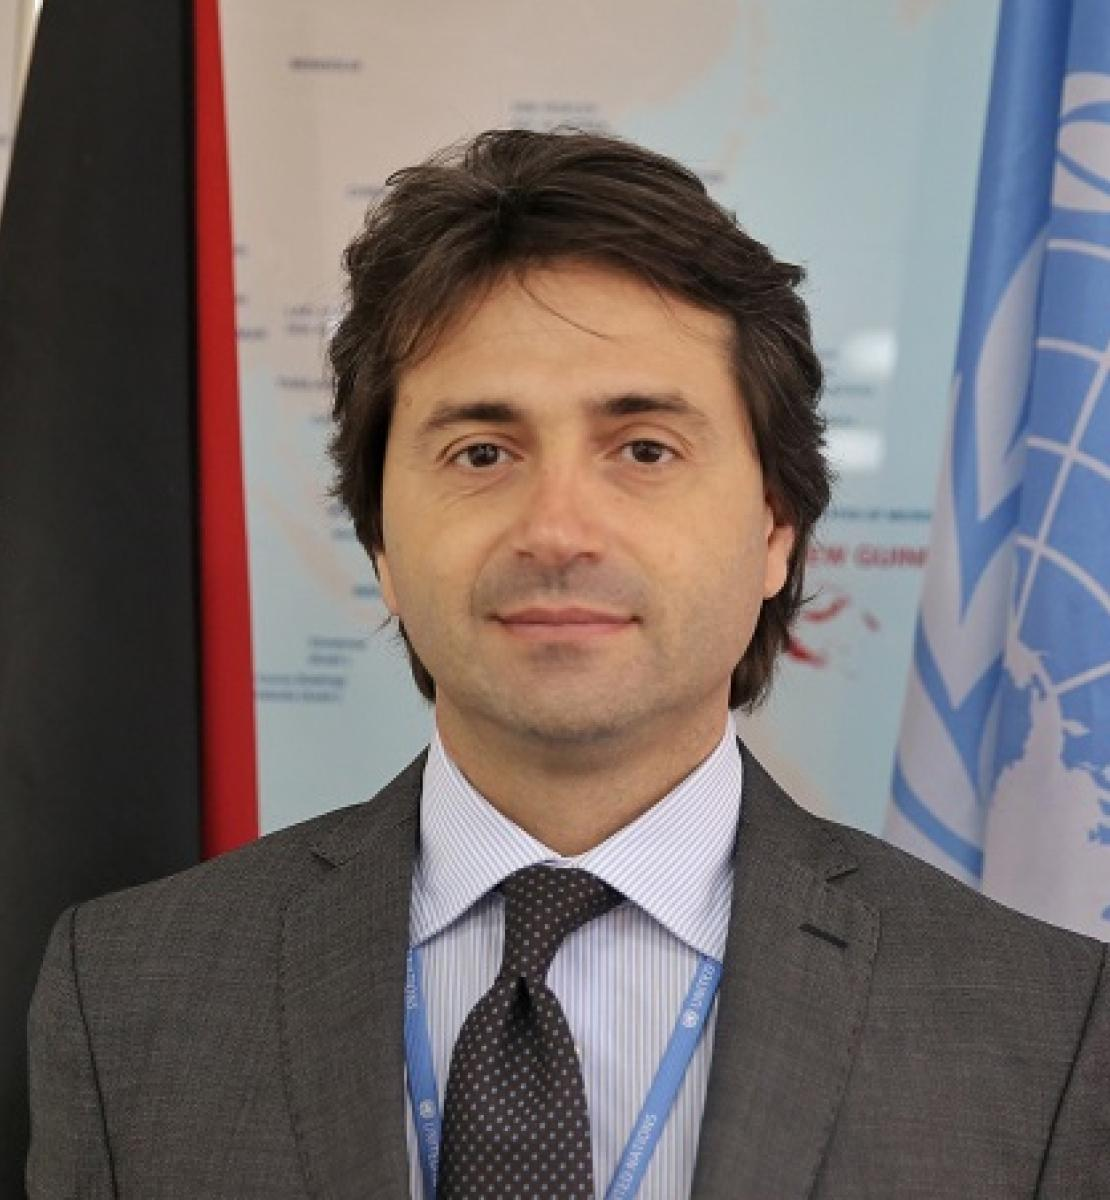 Portrait de Gianluca Rampolla del Tindaro, le nouveau Coordonnateur résident des Nations Unies au Venezuela, avec le drapeau de l'ONU en arrière-plan.